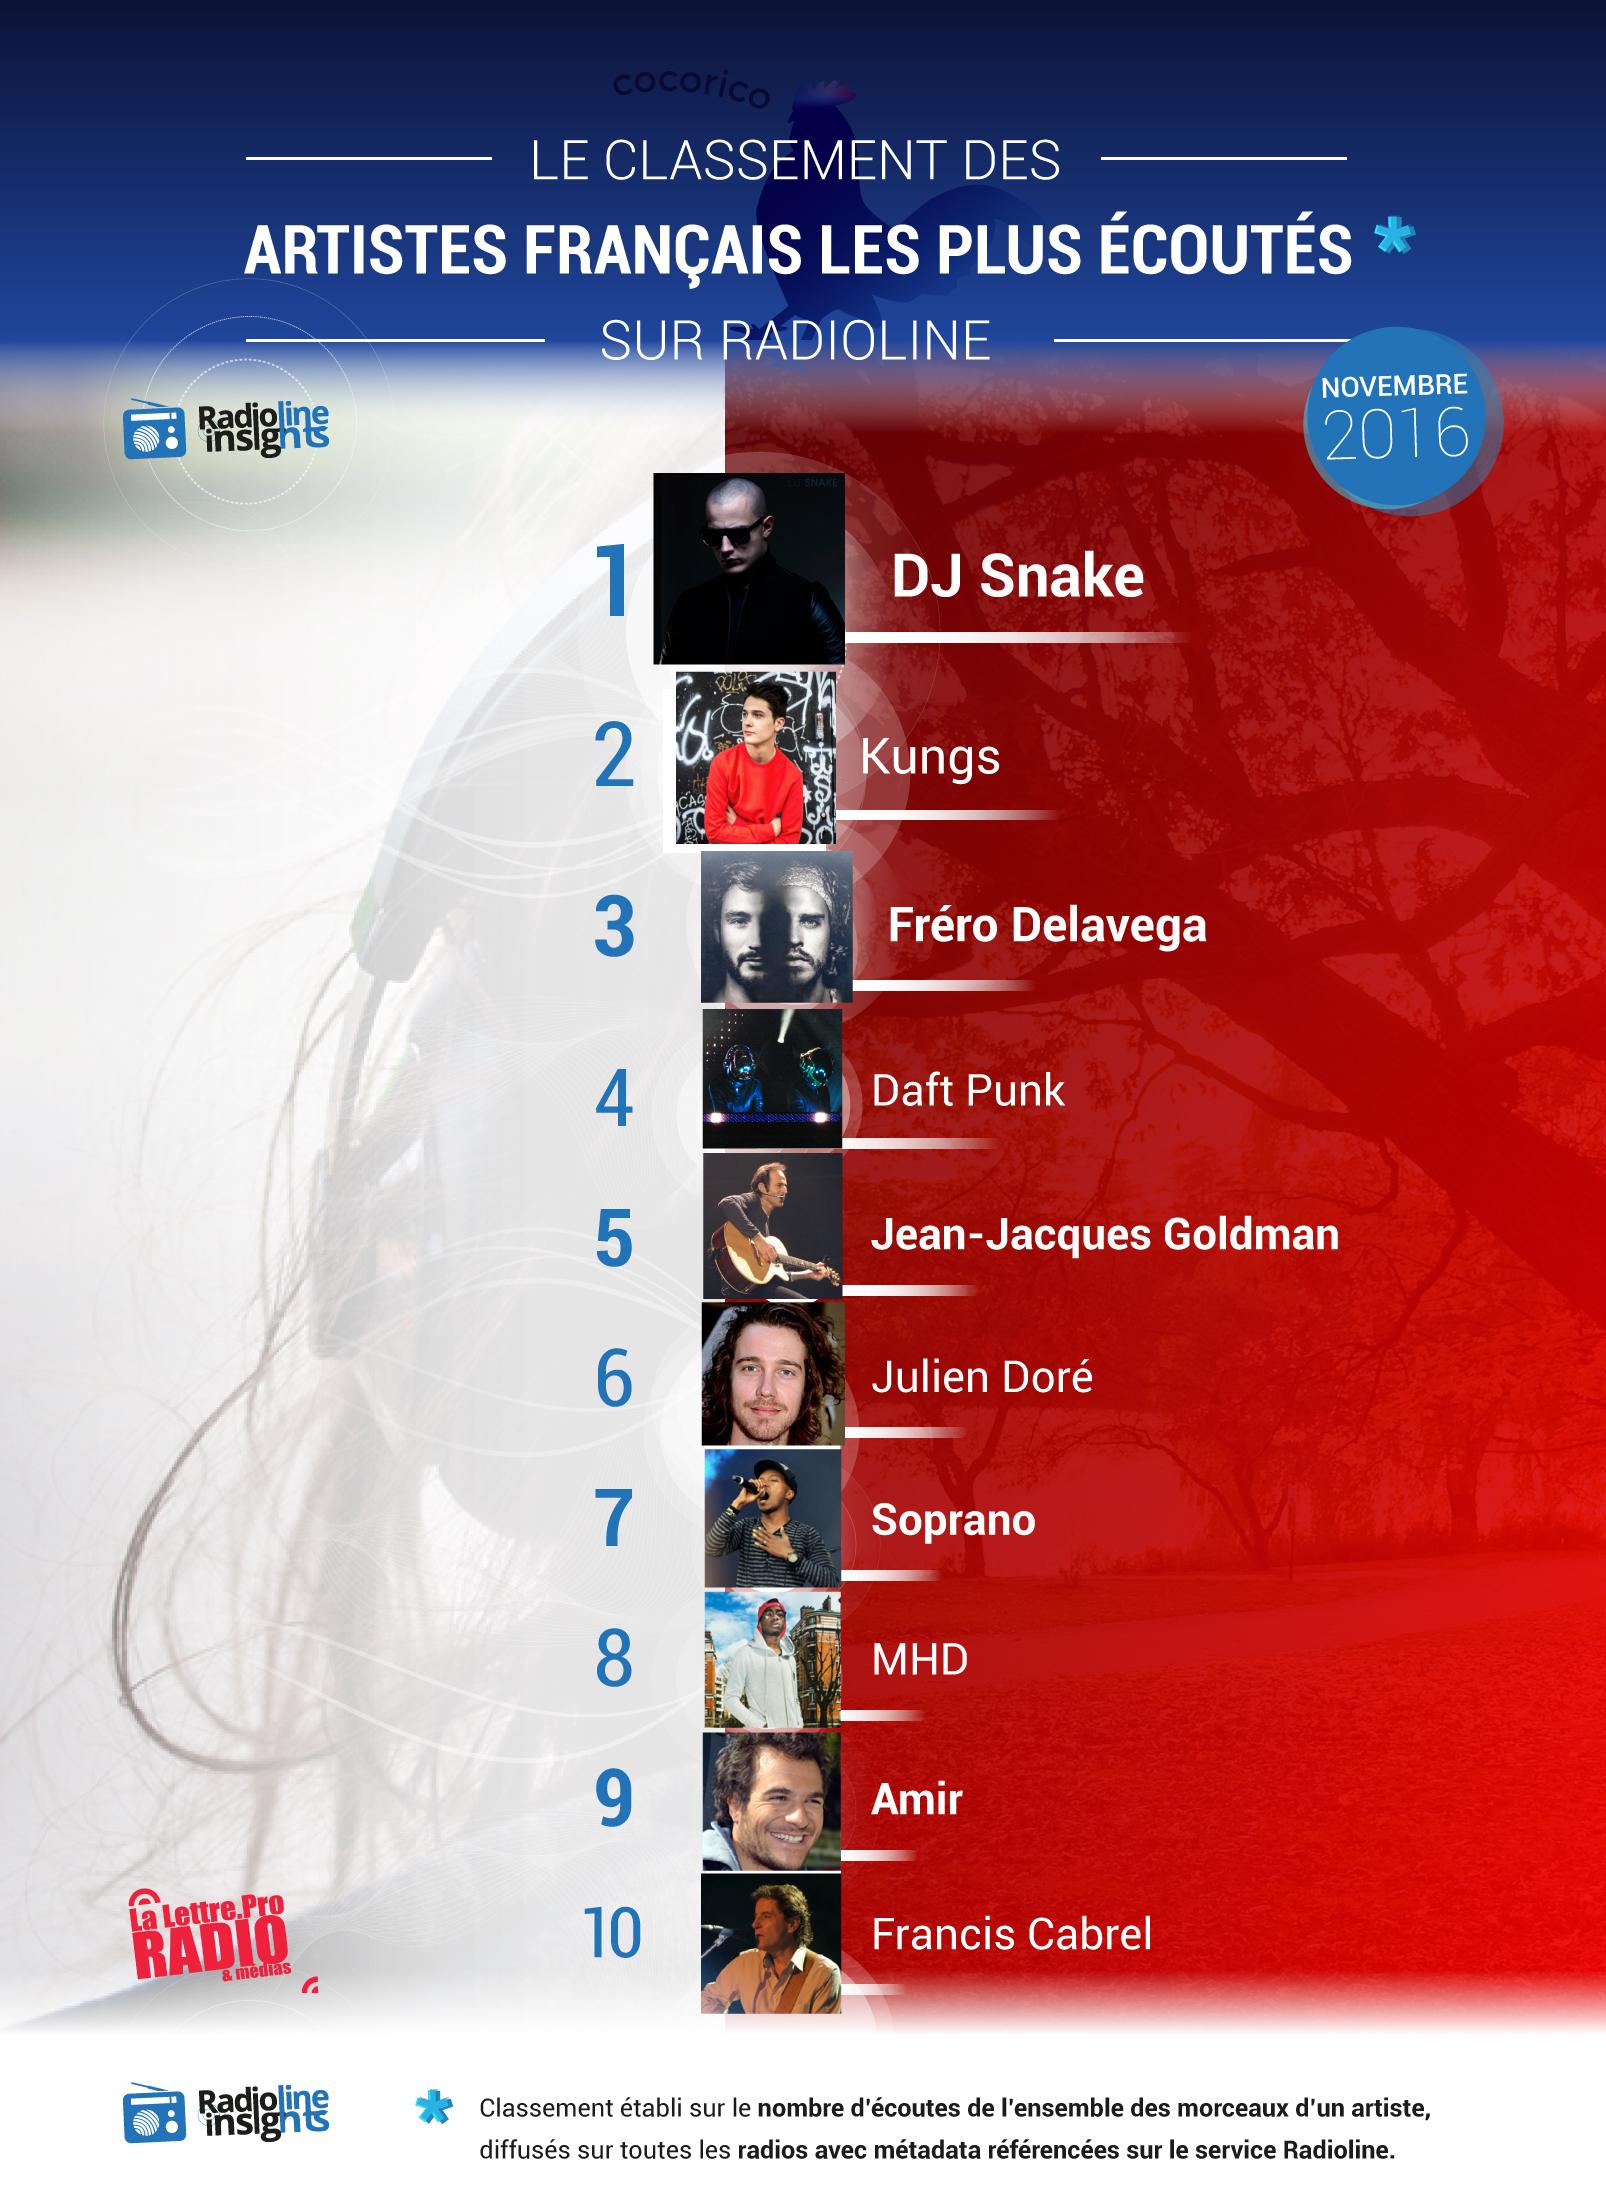 #RadiolineInsights : le classement des artistes français les plus écoutés